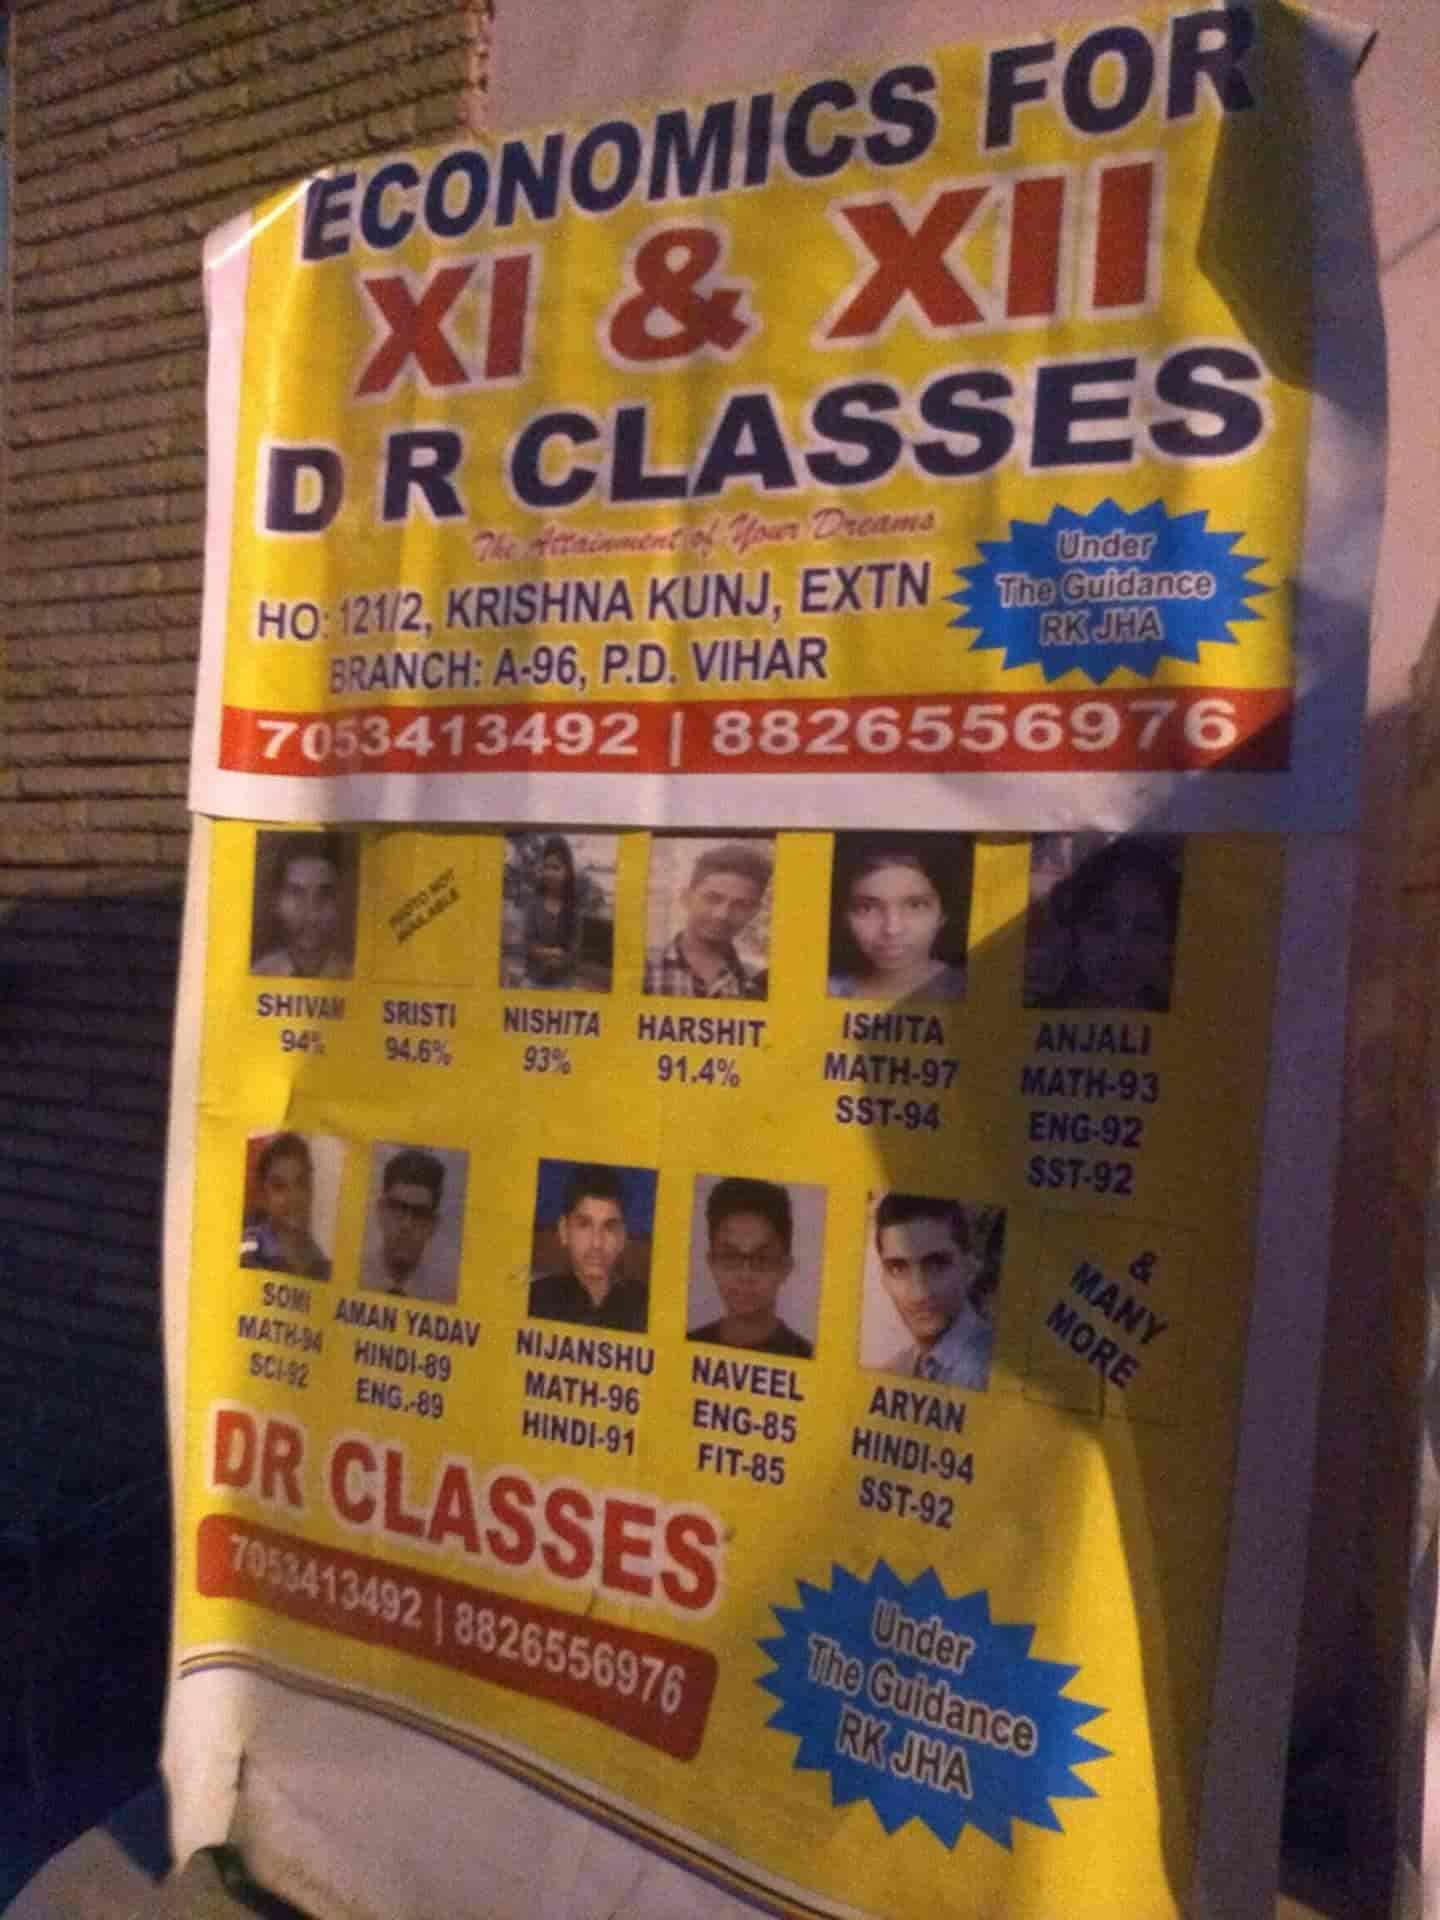 Dr Classes, Laxmi Nagar - Tutorials in Delhi - Justdial